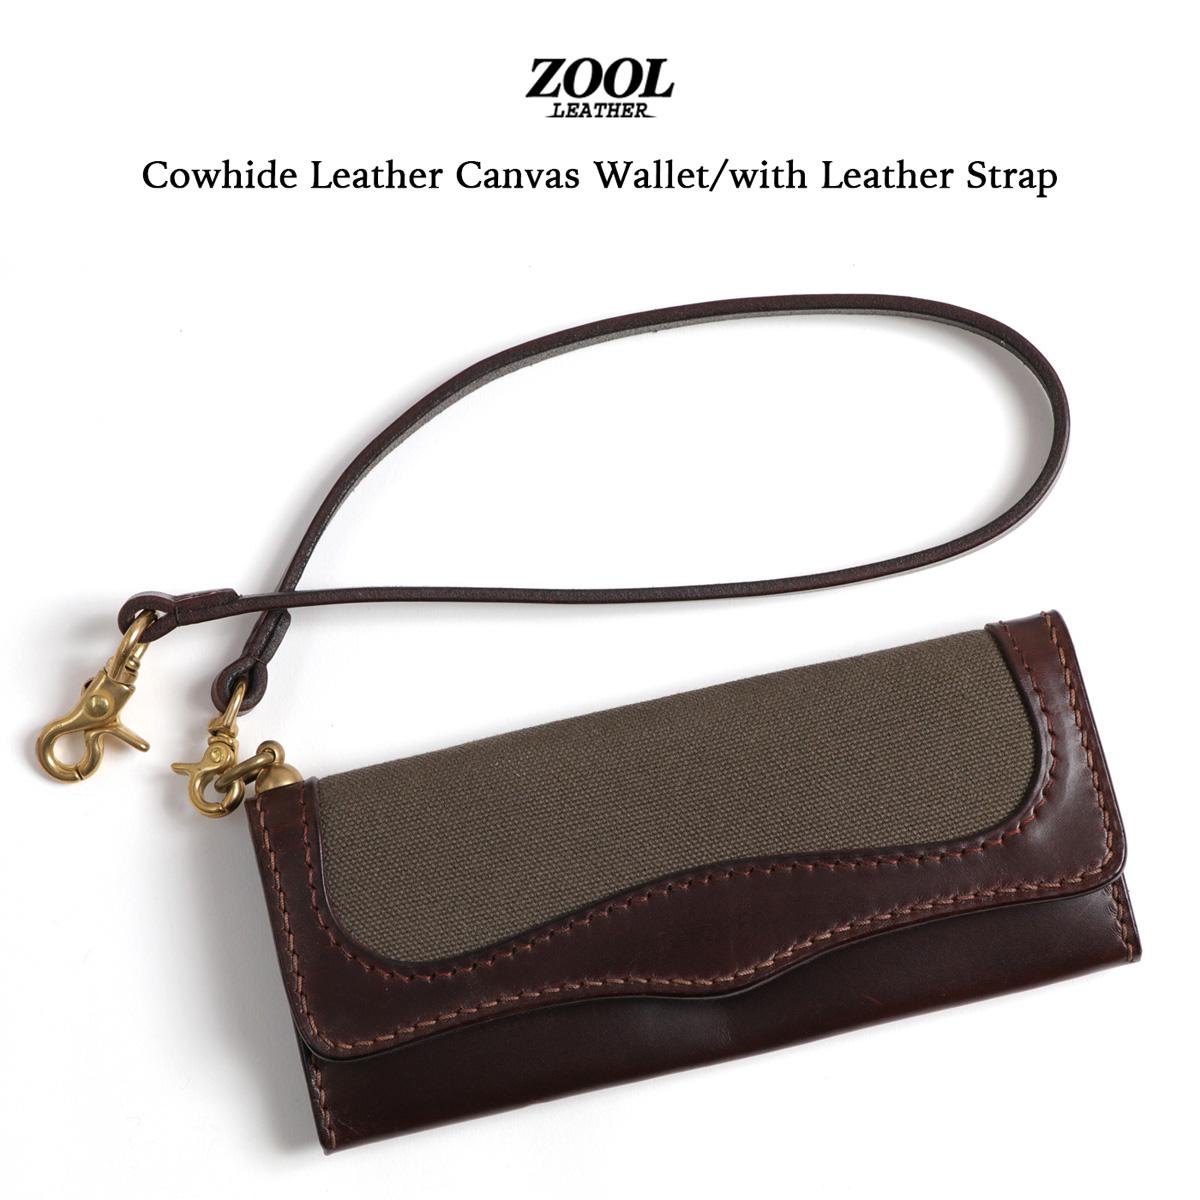 【メール便配送】 ZOOL LEATHER(ズールレザー) カウハイドレザーキャンバスウォレット/ストラップ付 日本製